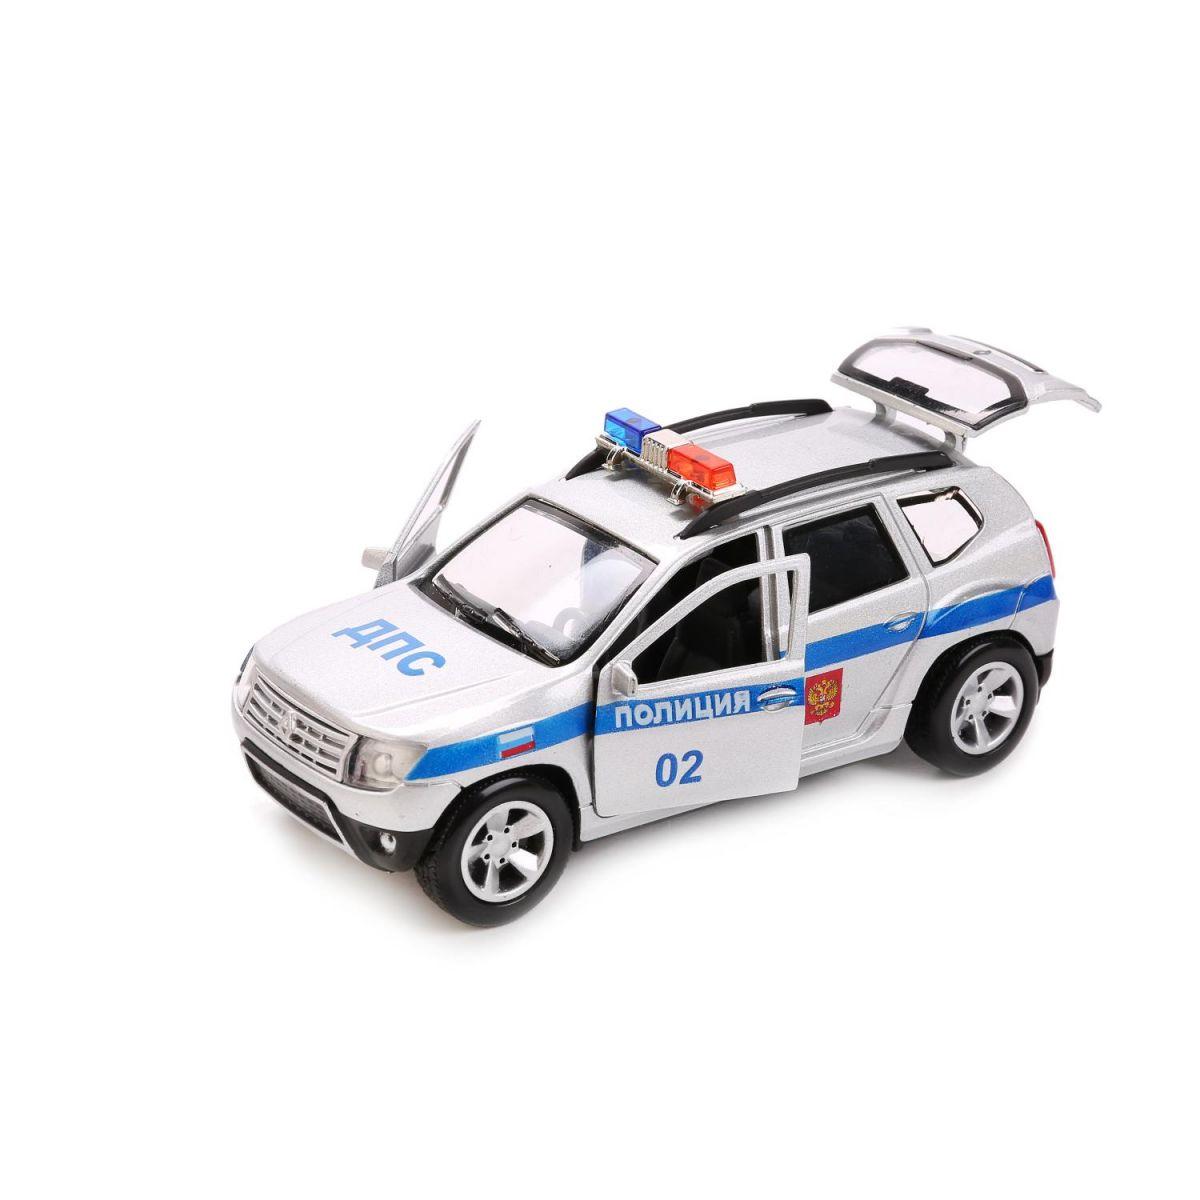 Купить Полиция Renault Duster 12 см - металлическая инерционная машина, Технопарк